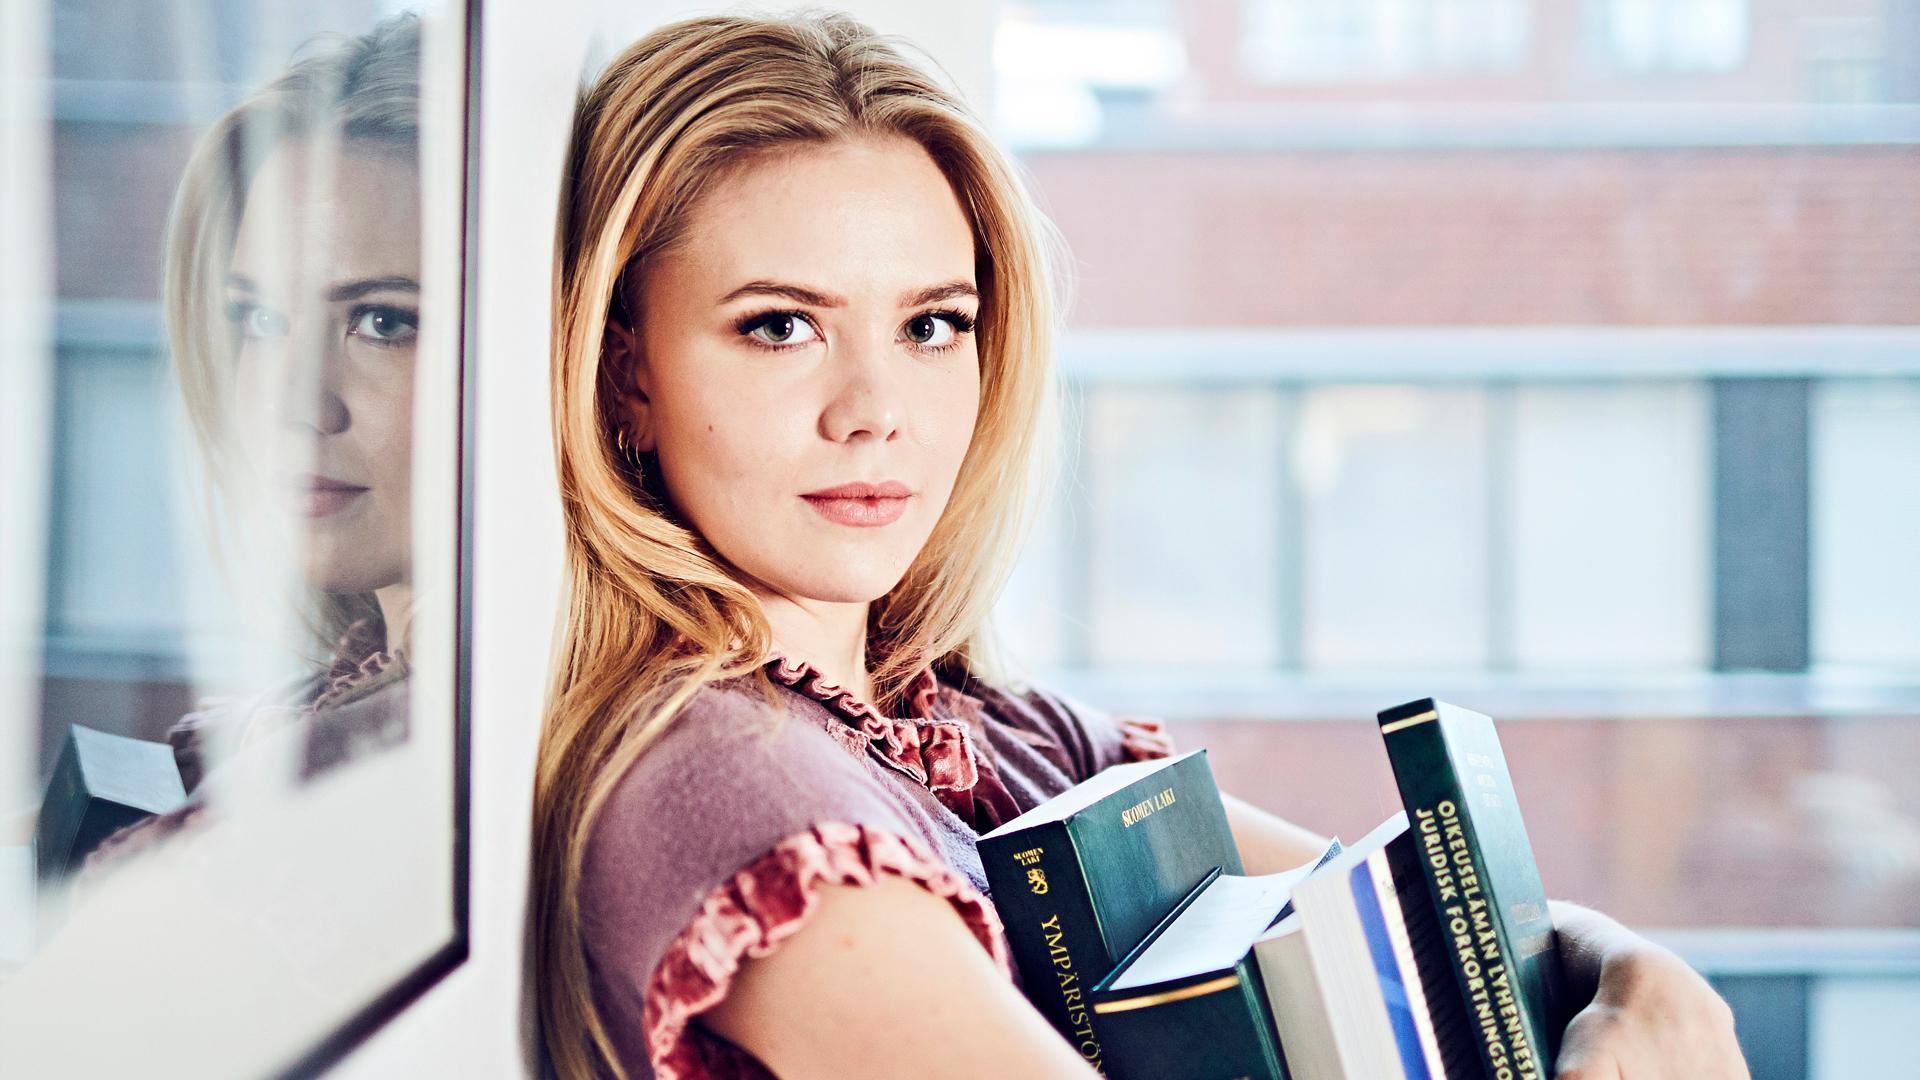 Notaari, oikeustieteiden opiskelija Pihla Koivuniemi